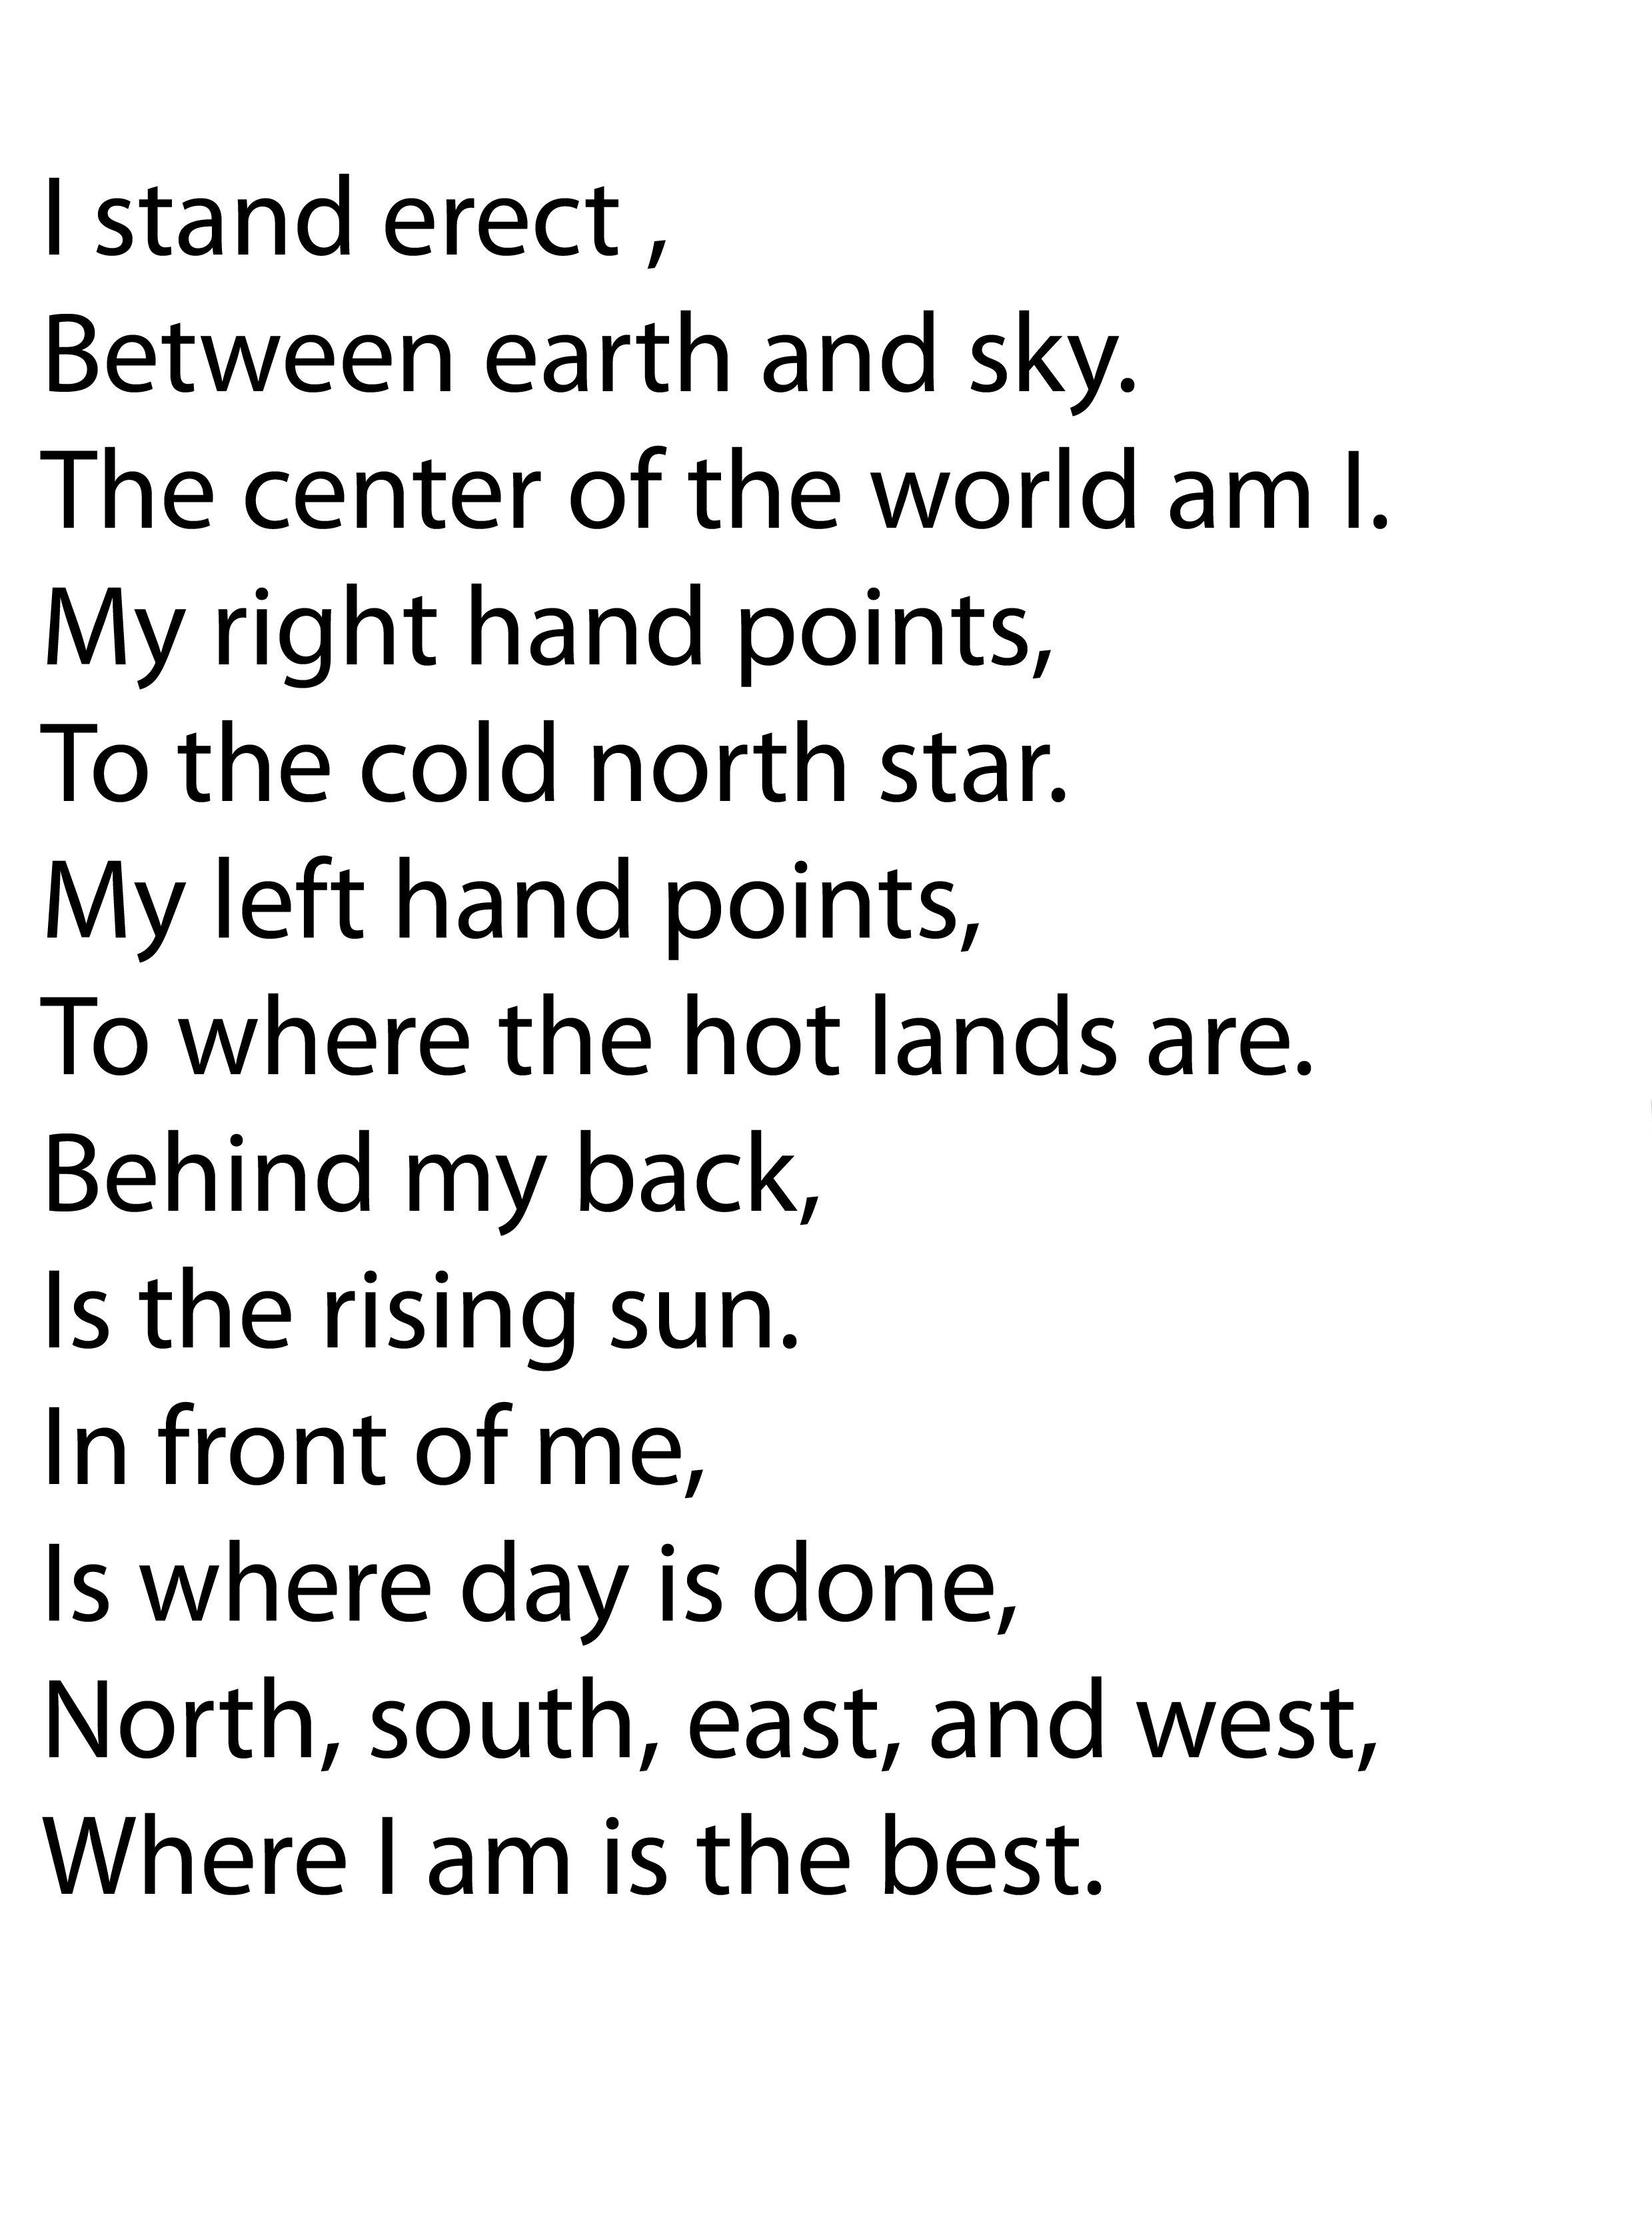 Voorkeur engels gedicht | klas 4 vreemde talen vrijeschool waldorfschool @ZB16